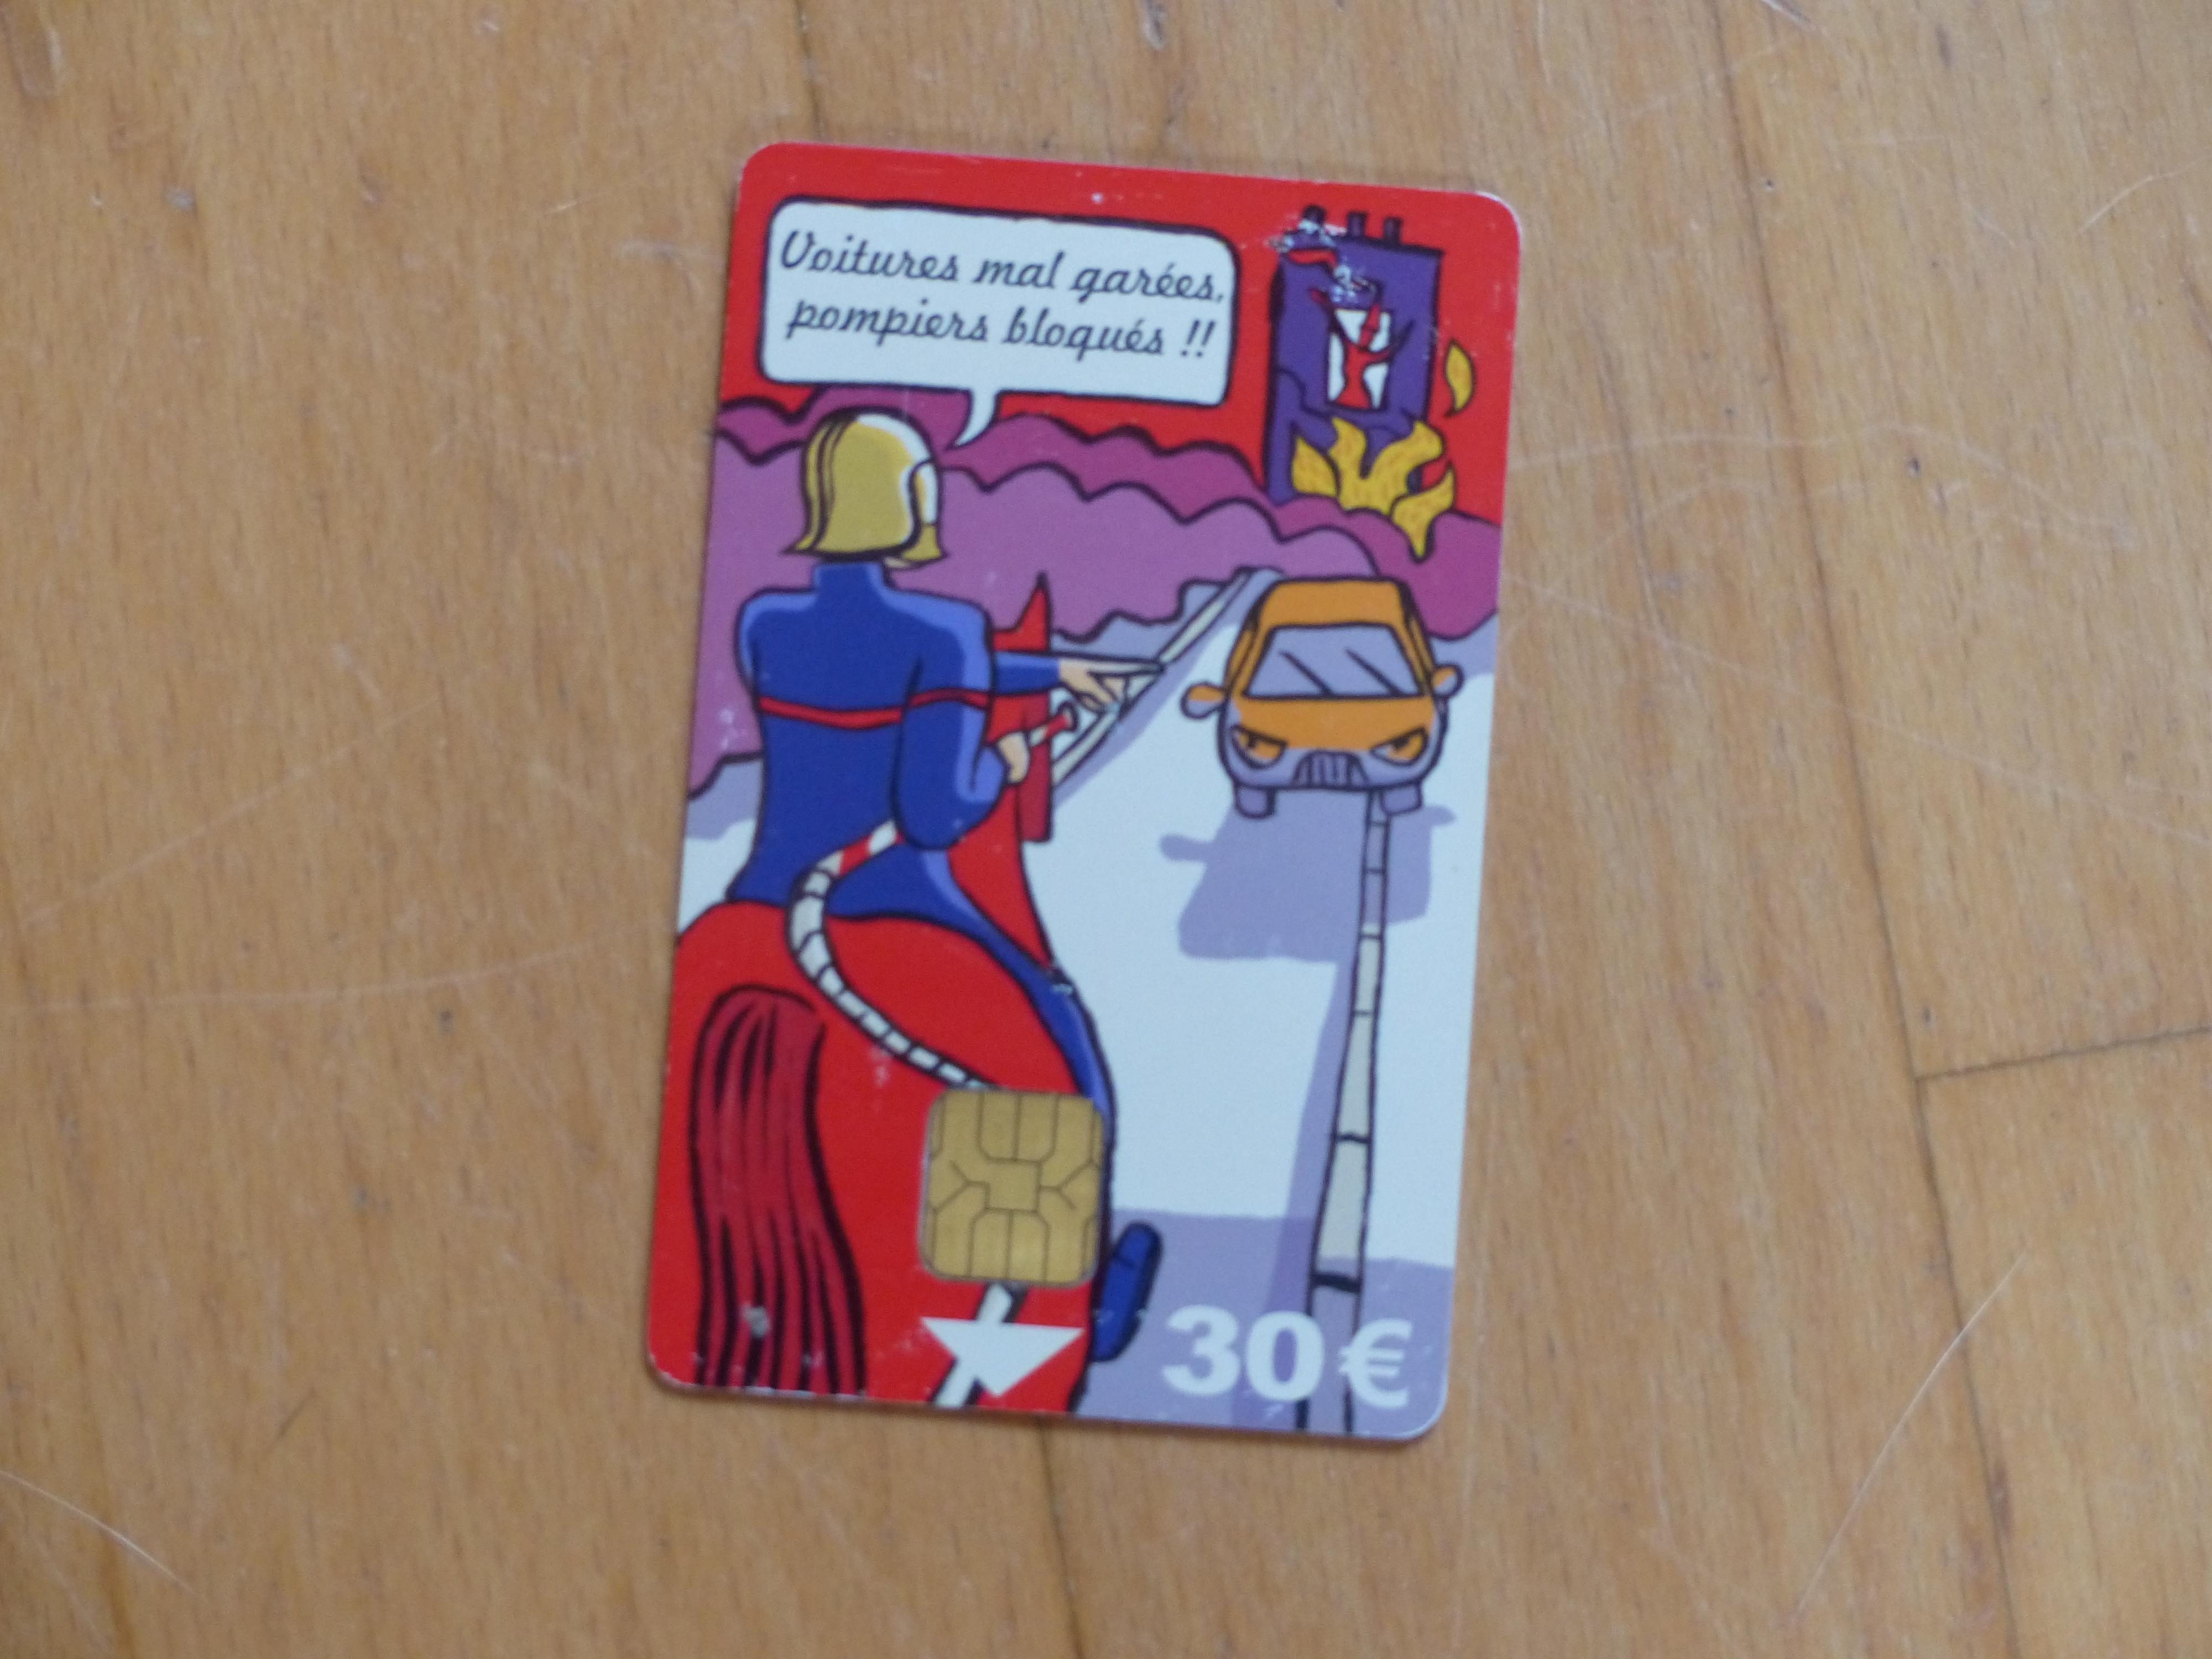 troc de troc carte de stationnement image 0